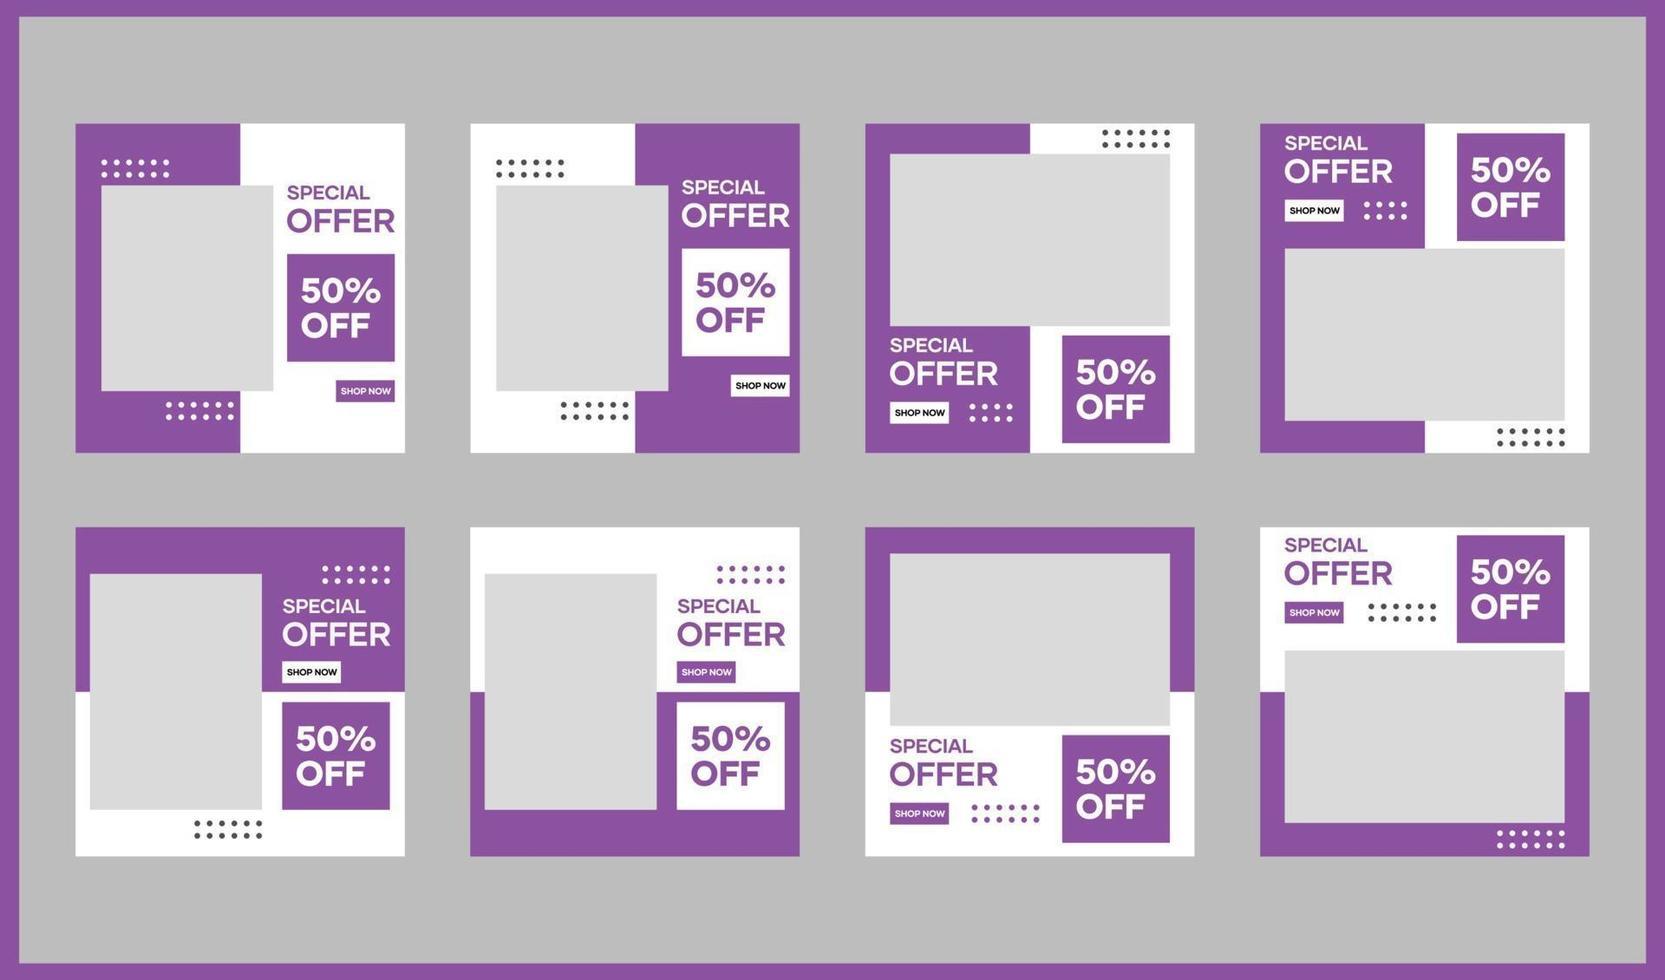 Plantillas de redes sociales y banners para medios publicitarios y promocionales. vector